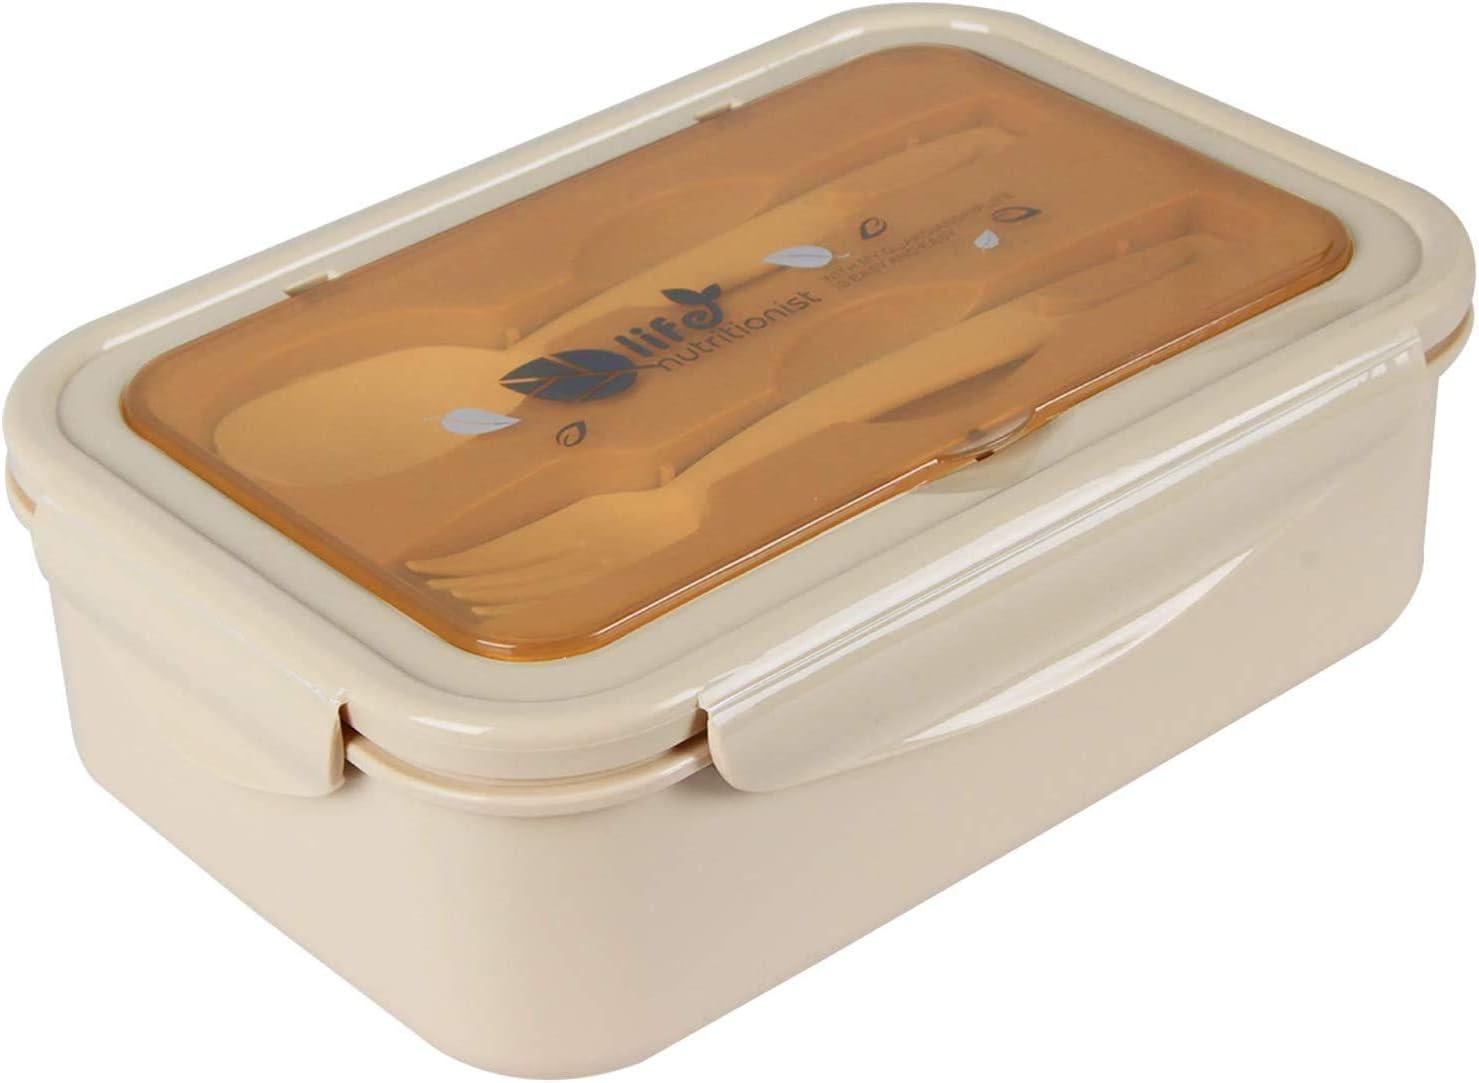 MEIXI Fiambrera Infantil Caja de Bento con 3 Compartimentos y Cubiertos Fiambreras Caja de Alimentos Ideal para Almuerzo y Bocadillos para Niños y Adultos (Caqui): Amazon.es: Hogar